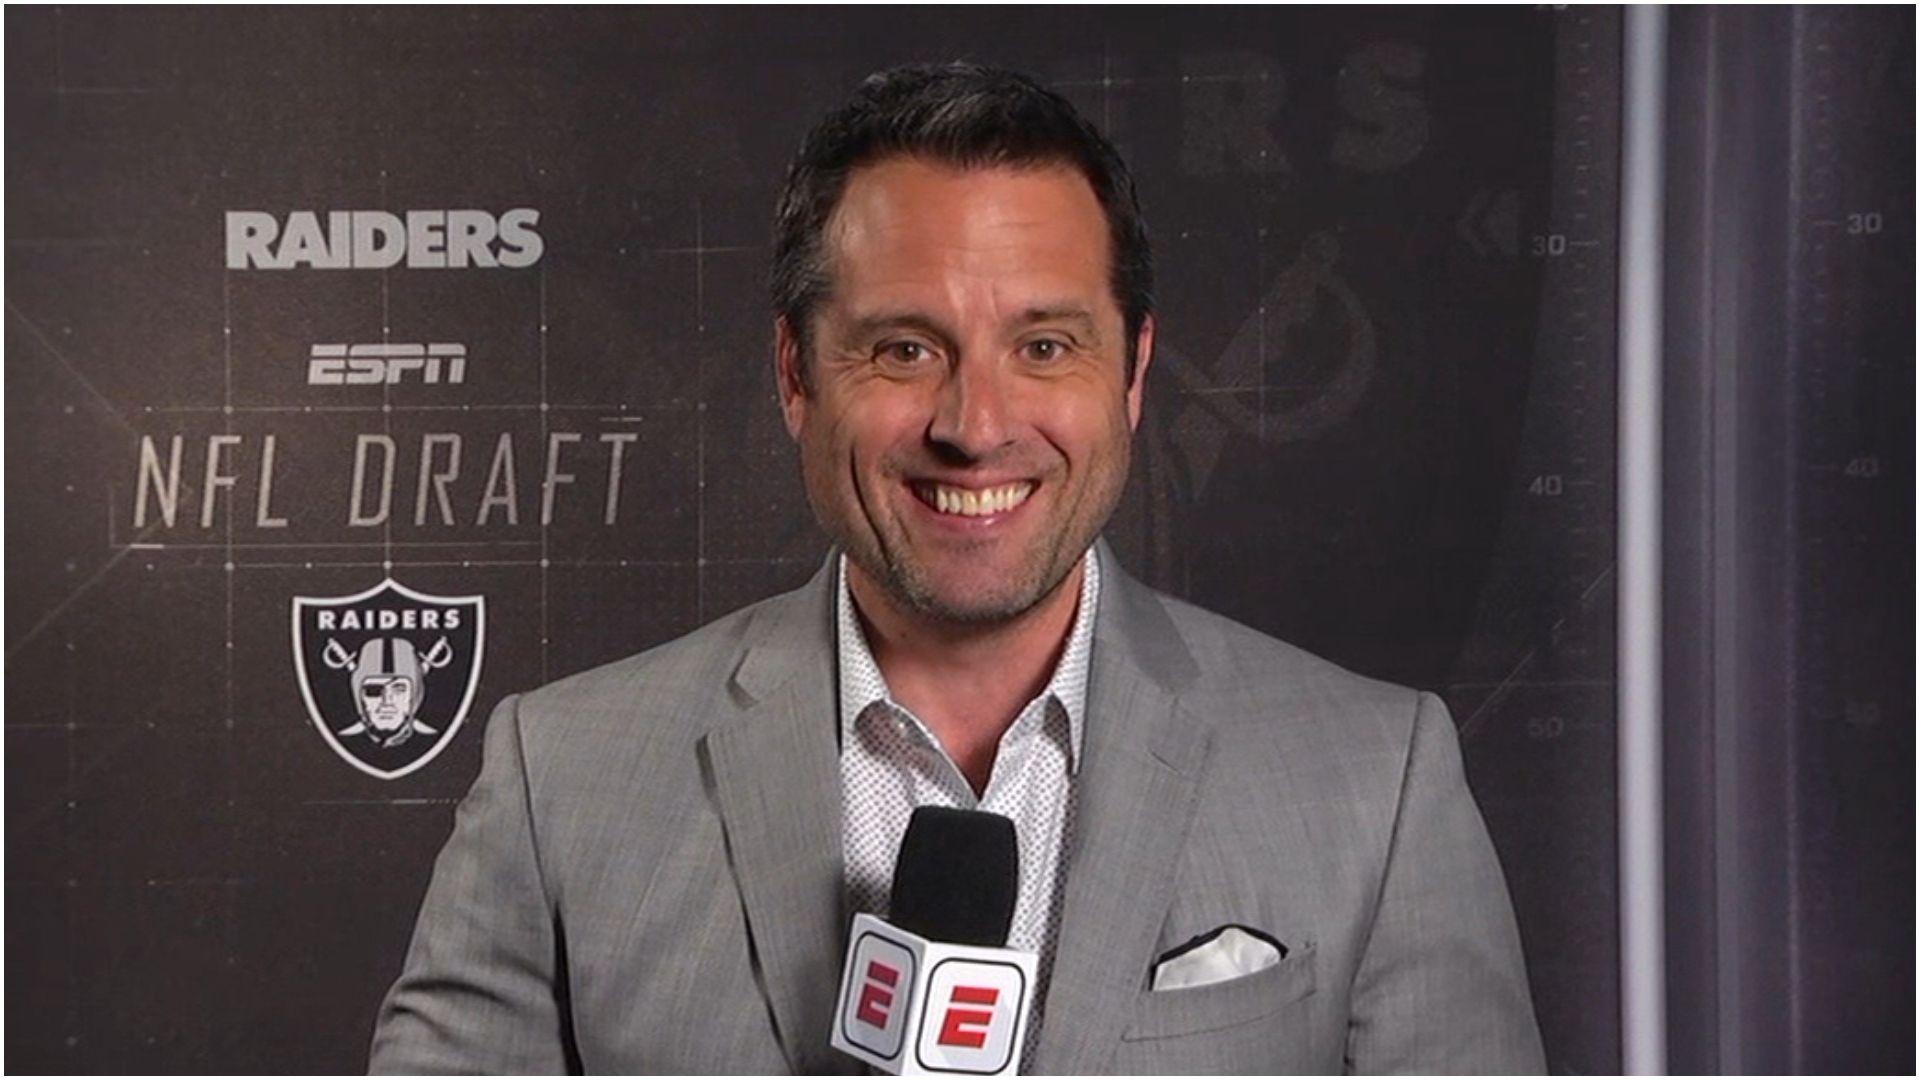 Graziano: Raiders open to trading 4th overall pick